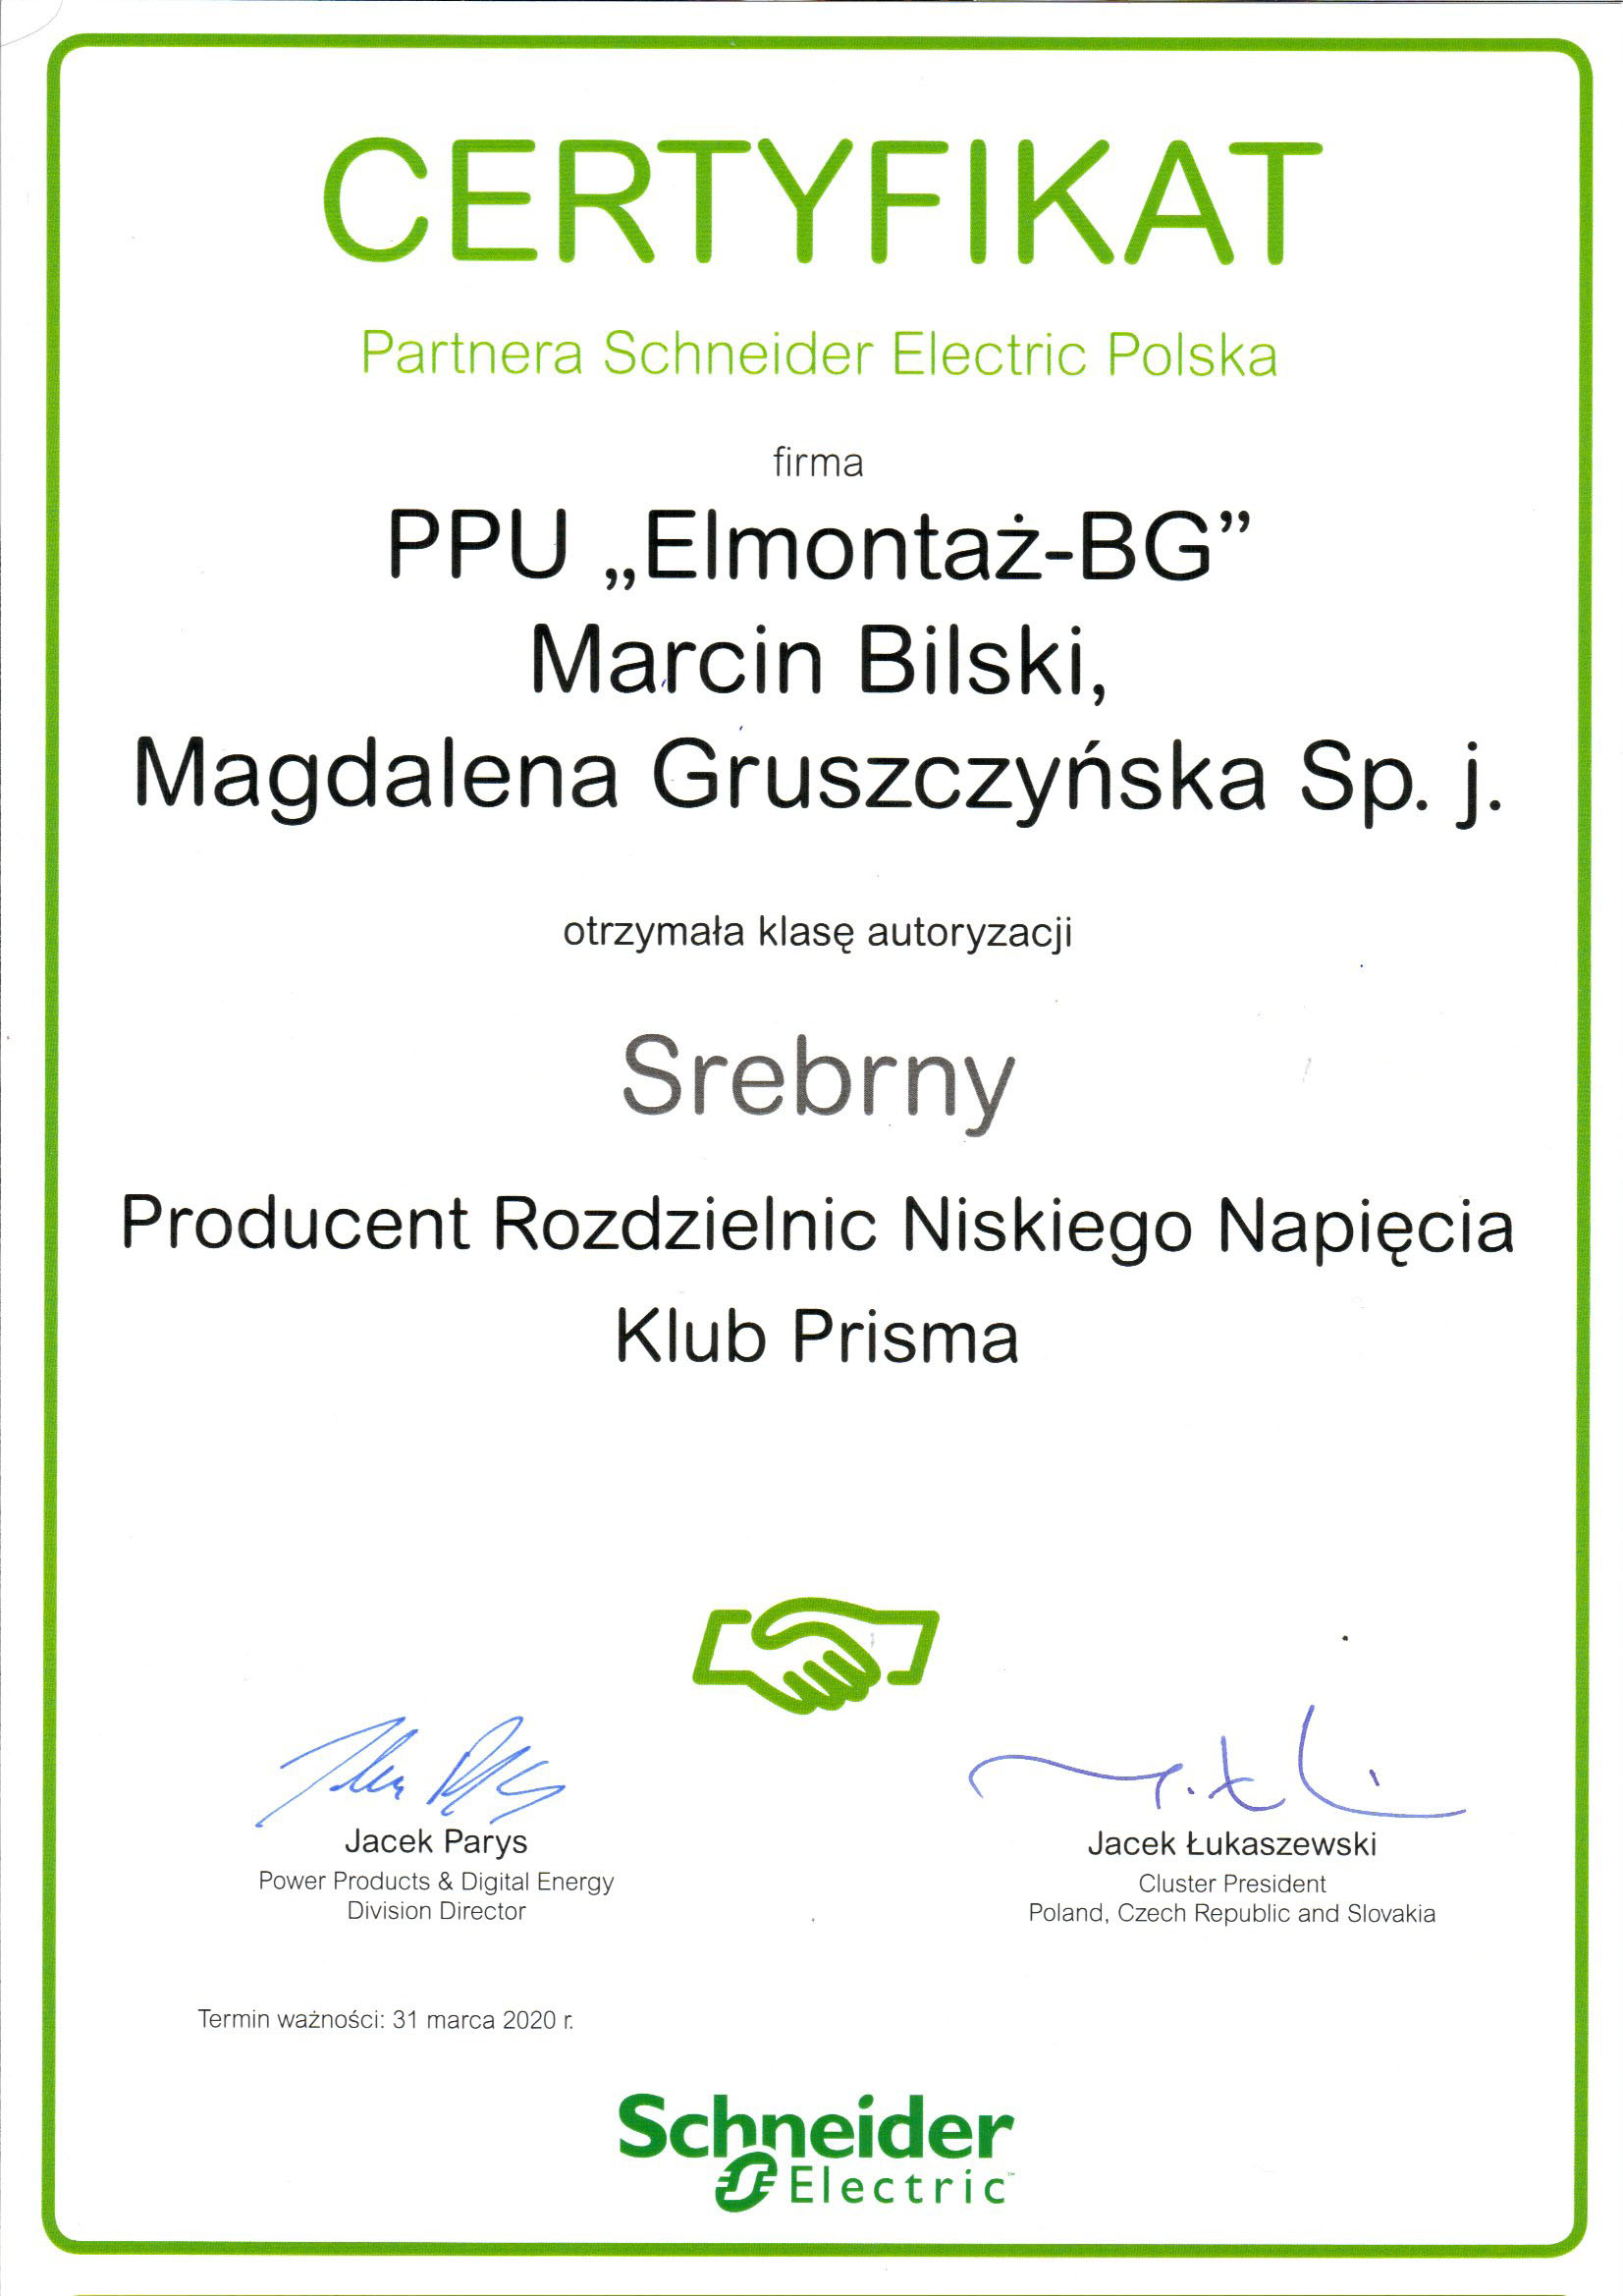 Certyfikat Schneider Electric